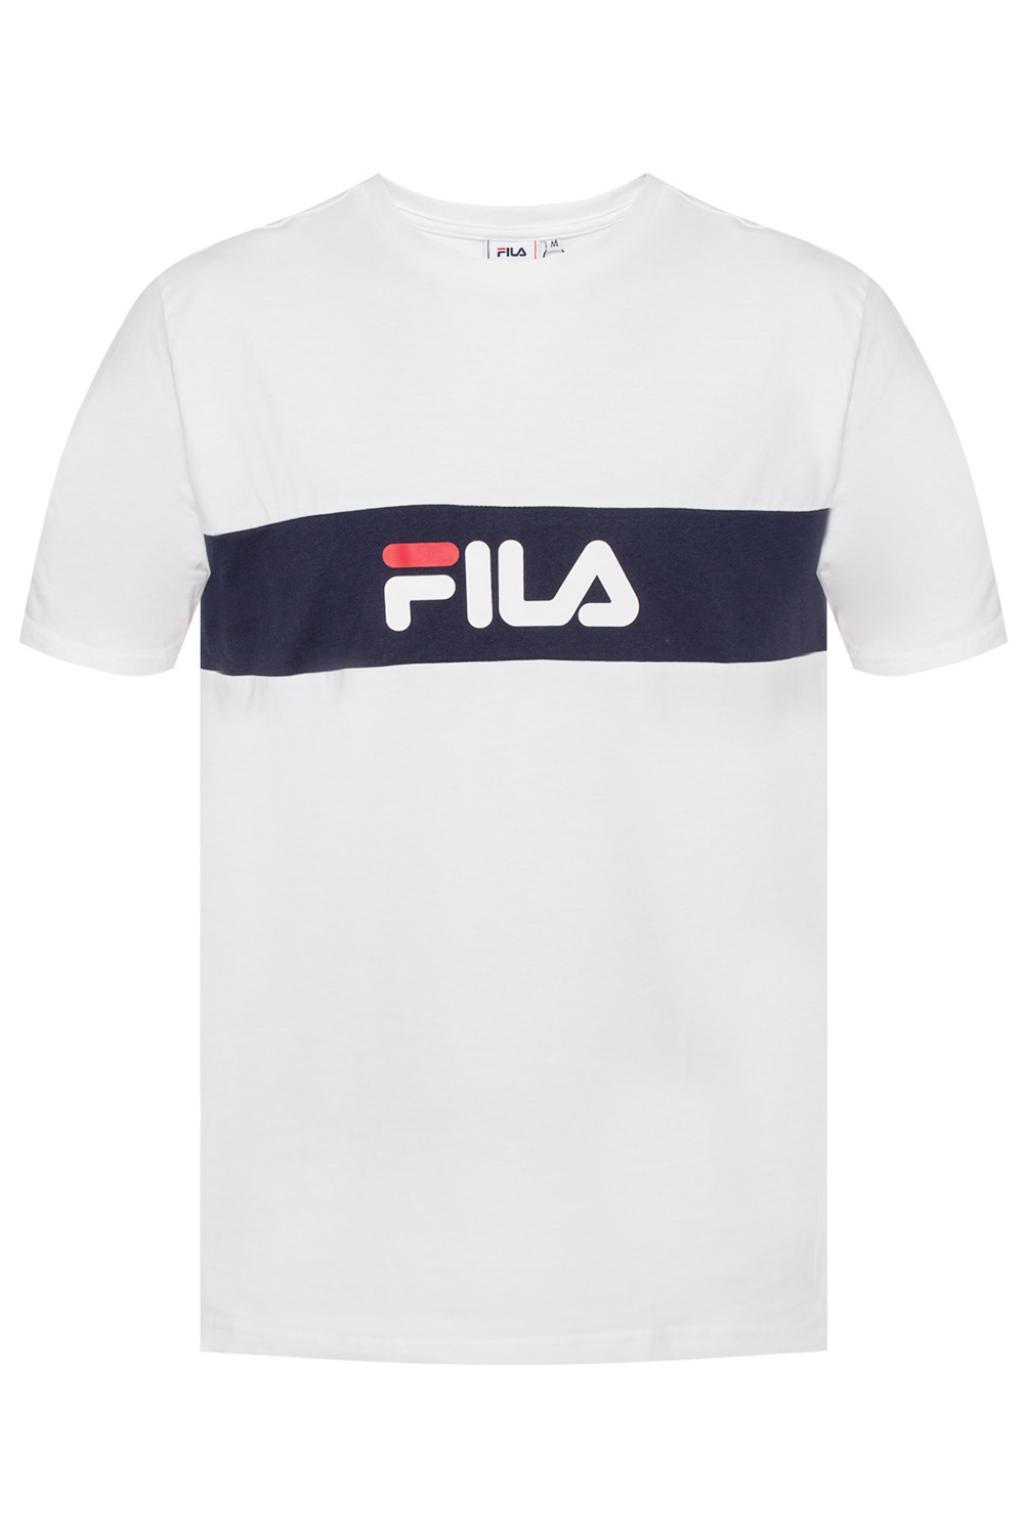 13f9b5d0d83d Lyst - Fila Branded T-shirt for Men